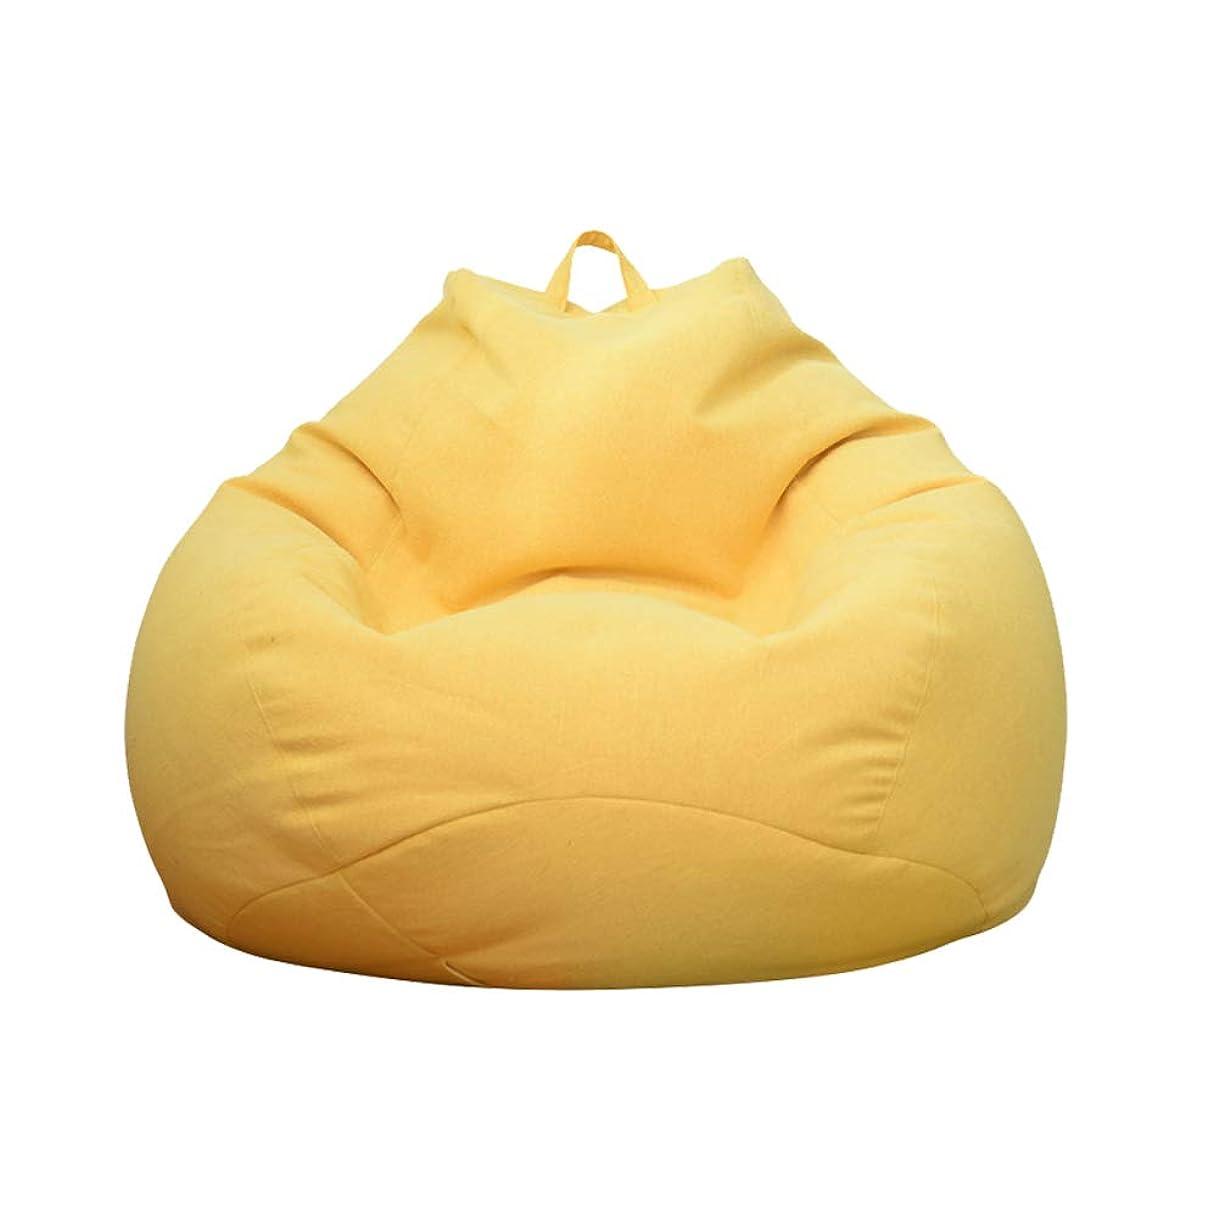 嘆願りんごダイエットビーズクッション 座布団 座椅子 座布団 腰痛 低反発 無地 取り外し可能 伸縮 軽量 80*90cm イエロー